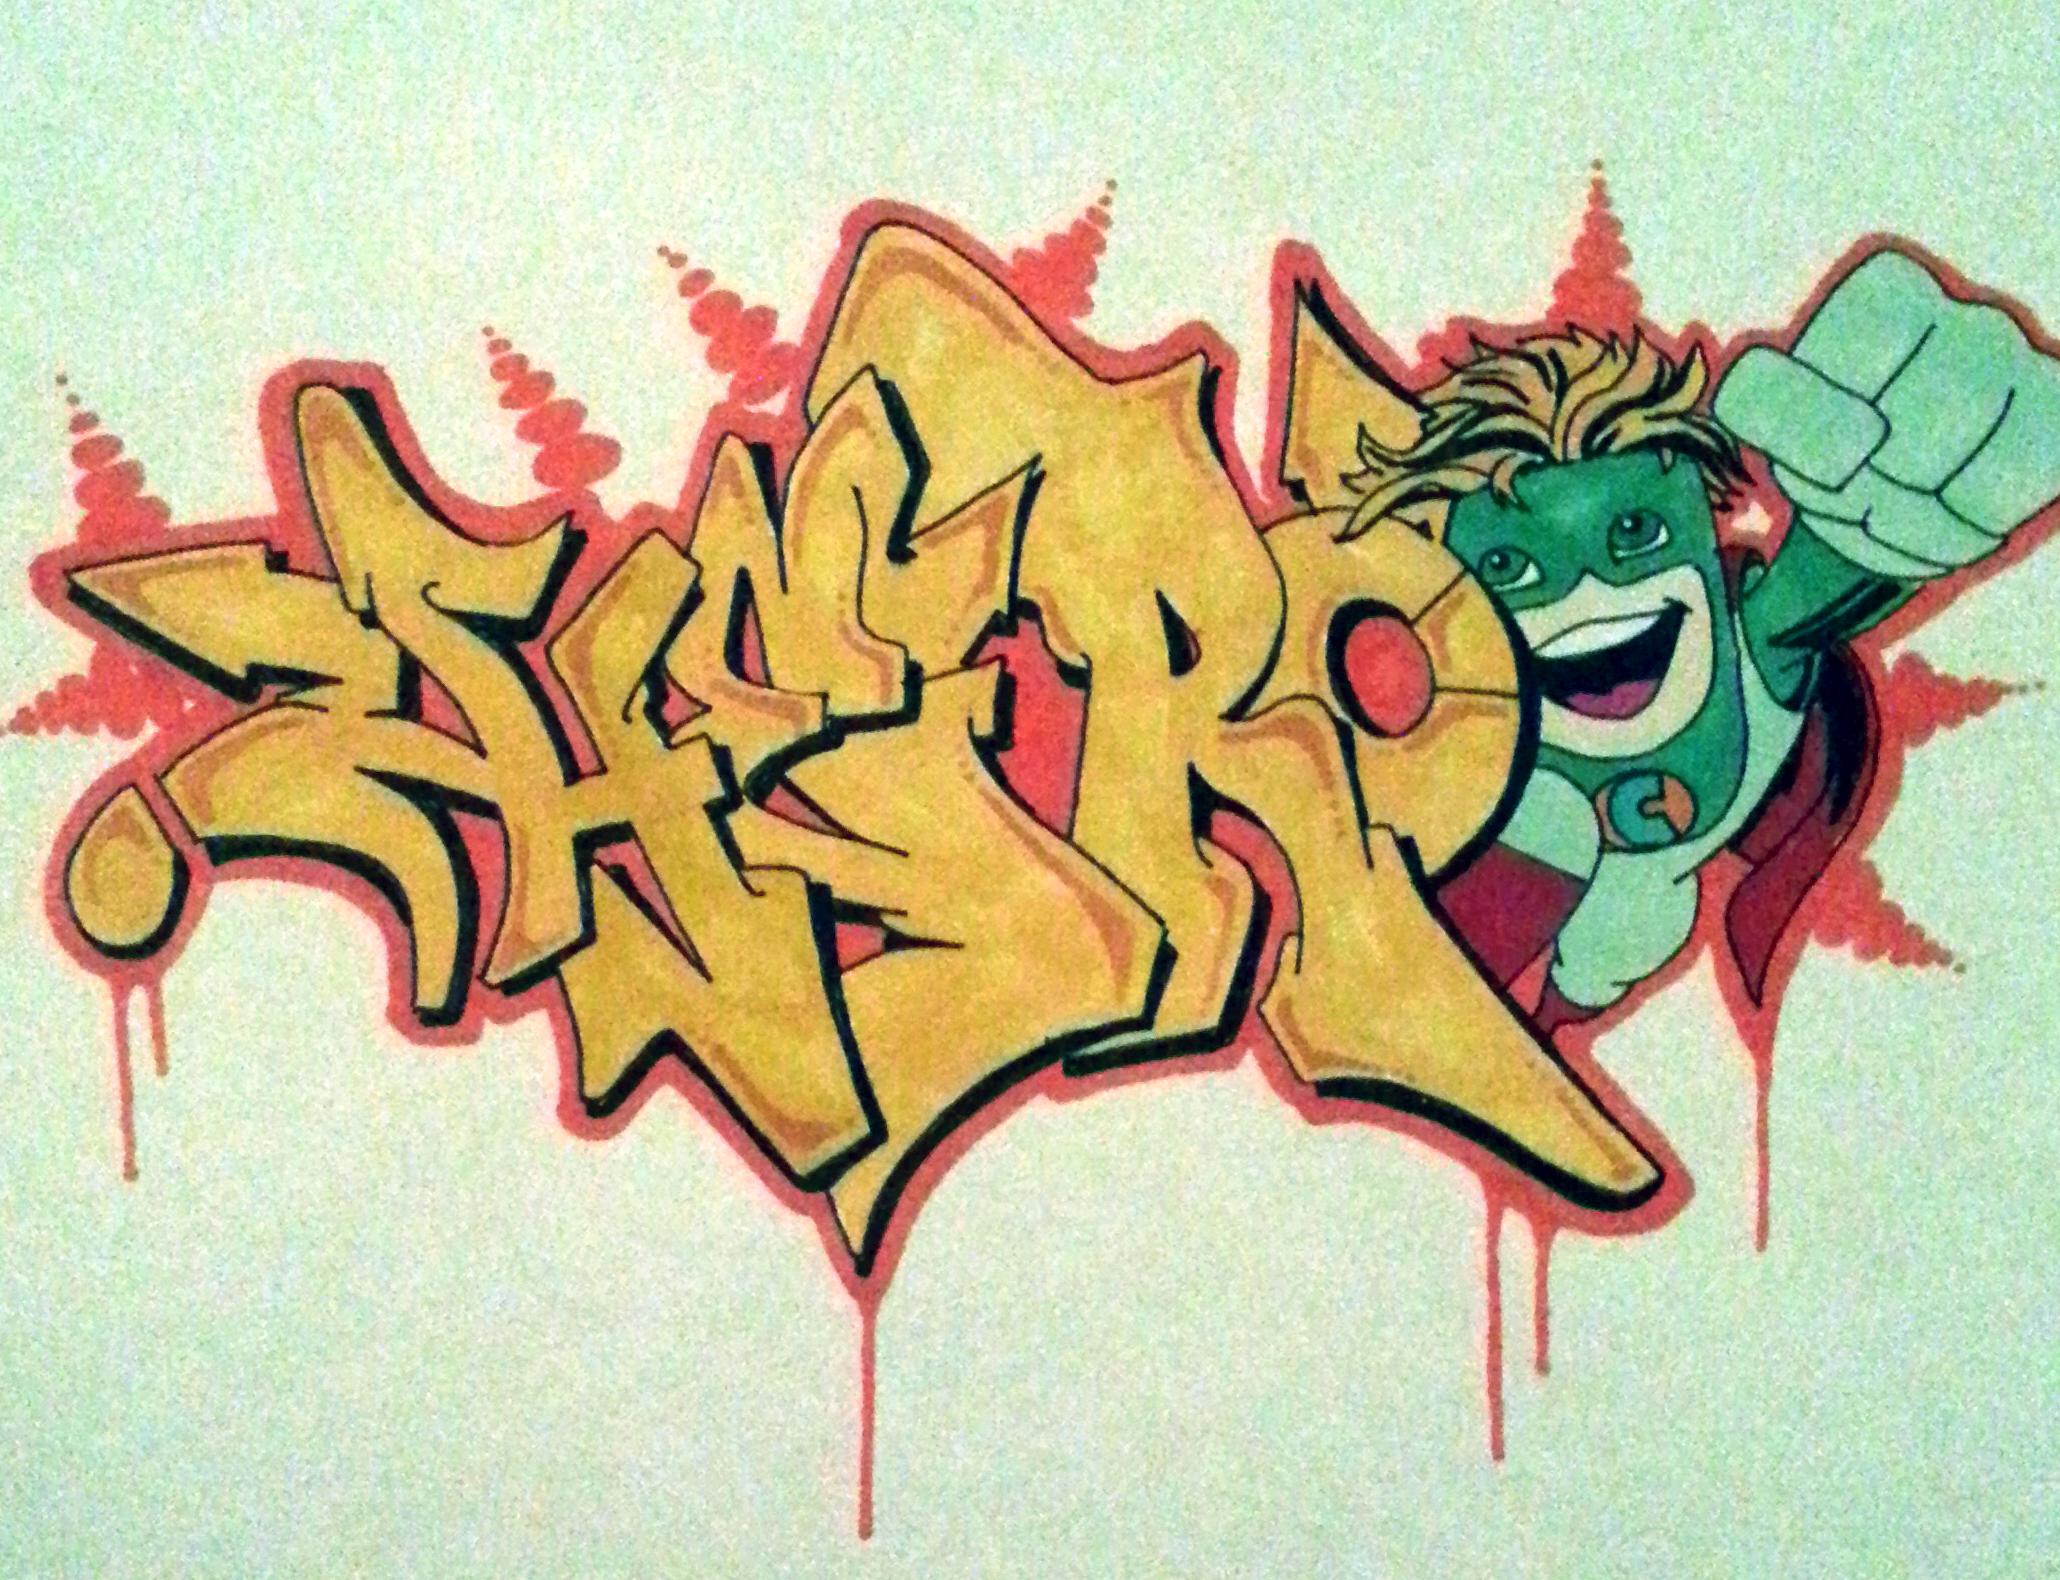 Hero Graffiti Sketch Graffiti Artwork Street Art Graffiti Graffiti